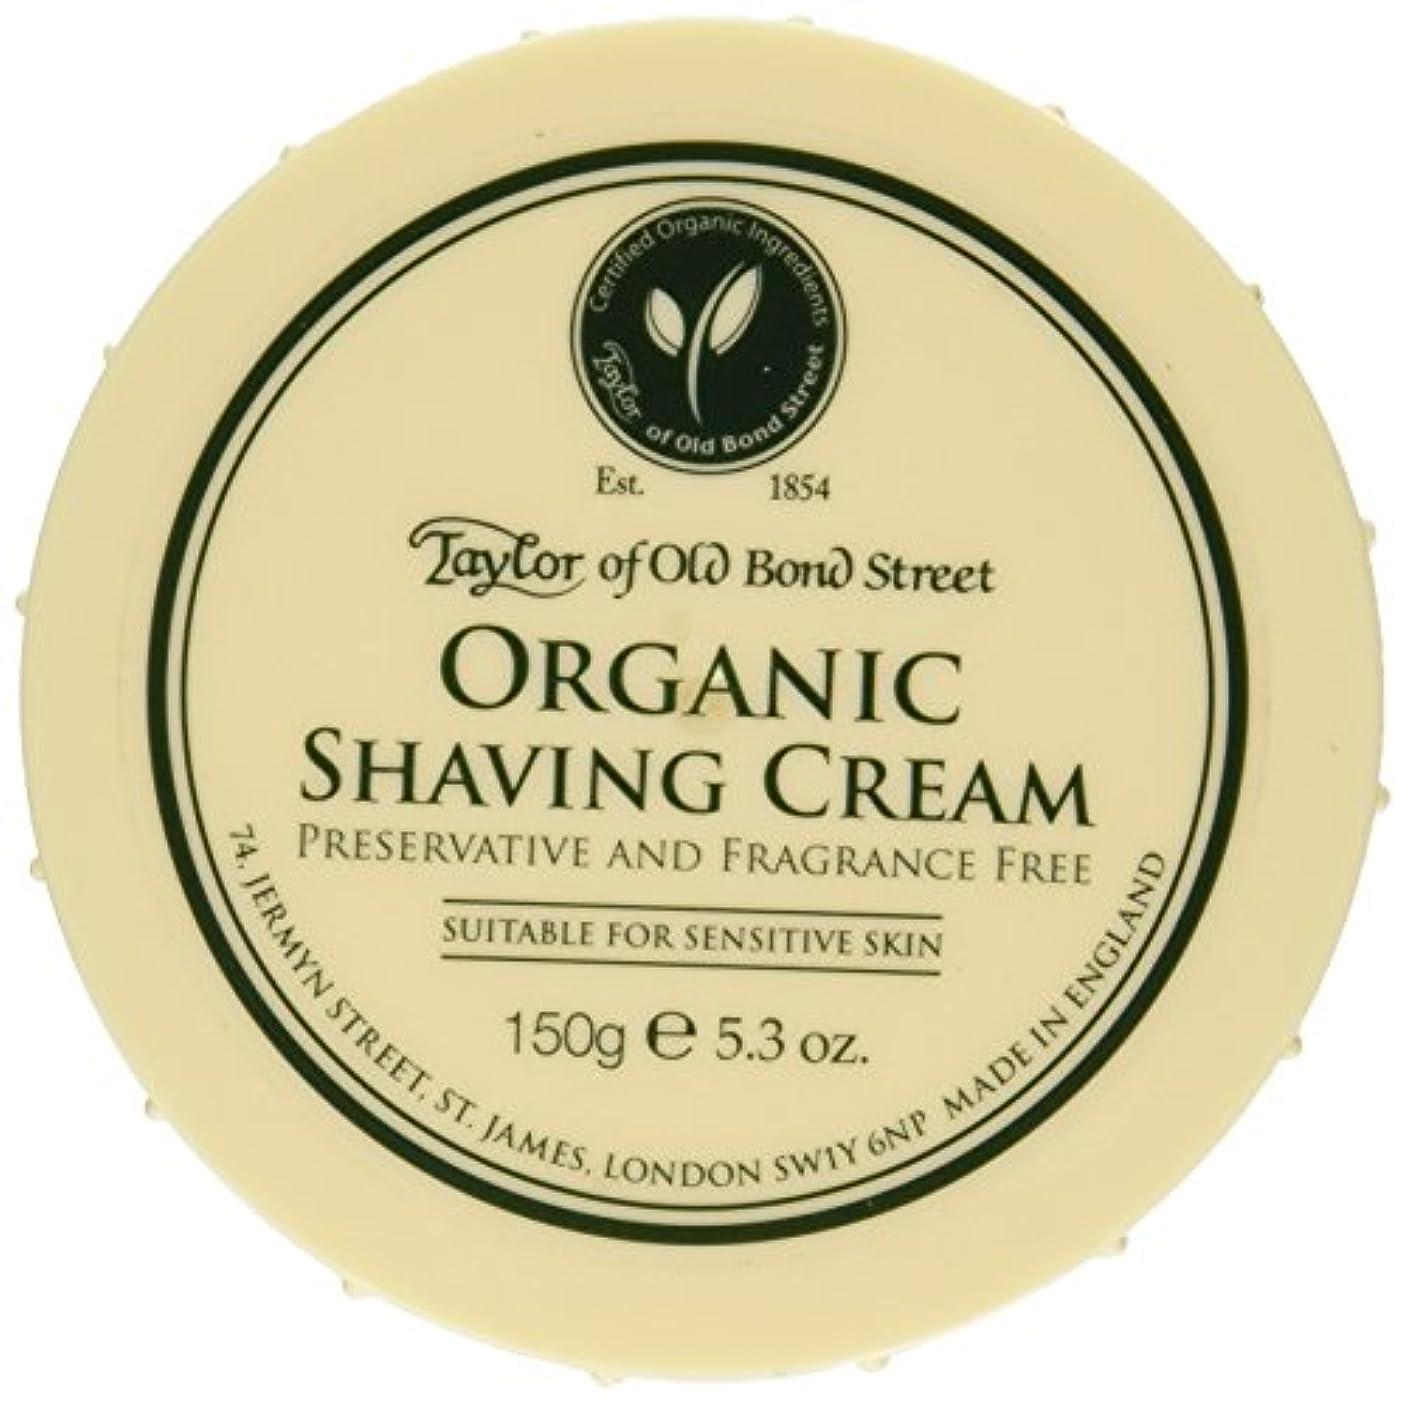 任意の頭の上平らなTaylor of Old Bond Street Organic Shaving Cream w/ Aloe & Jojoba *New* 5.3 oz. by Taylor of Old Bond Street